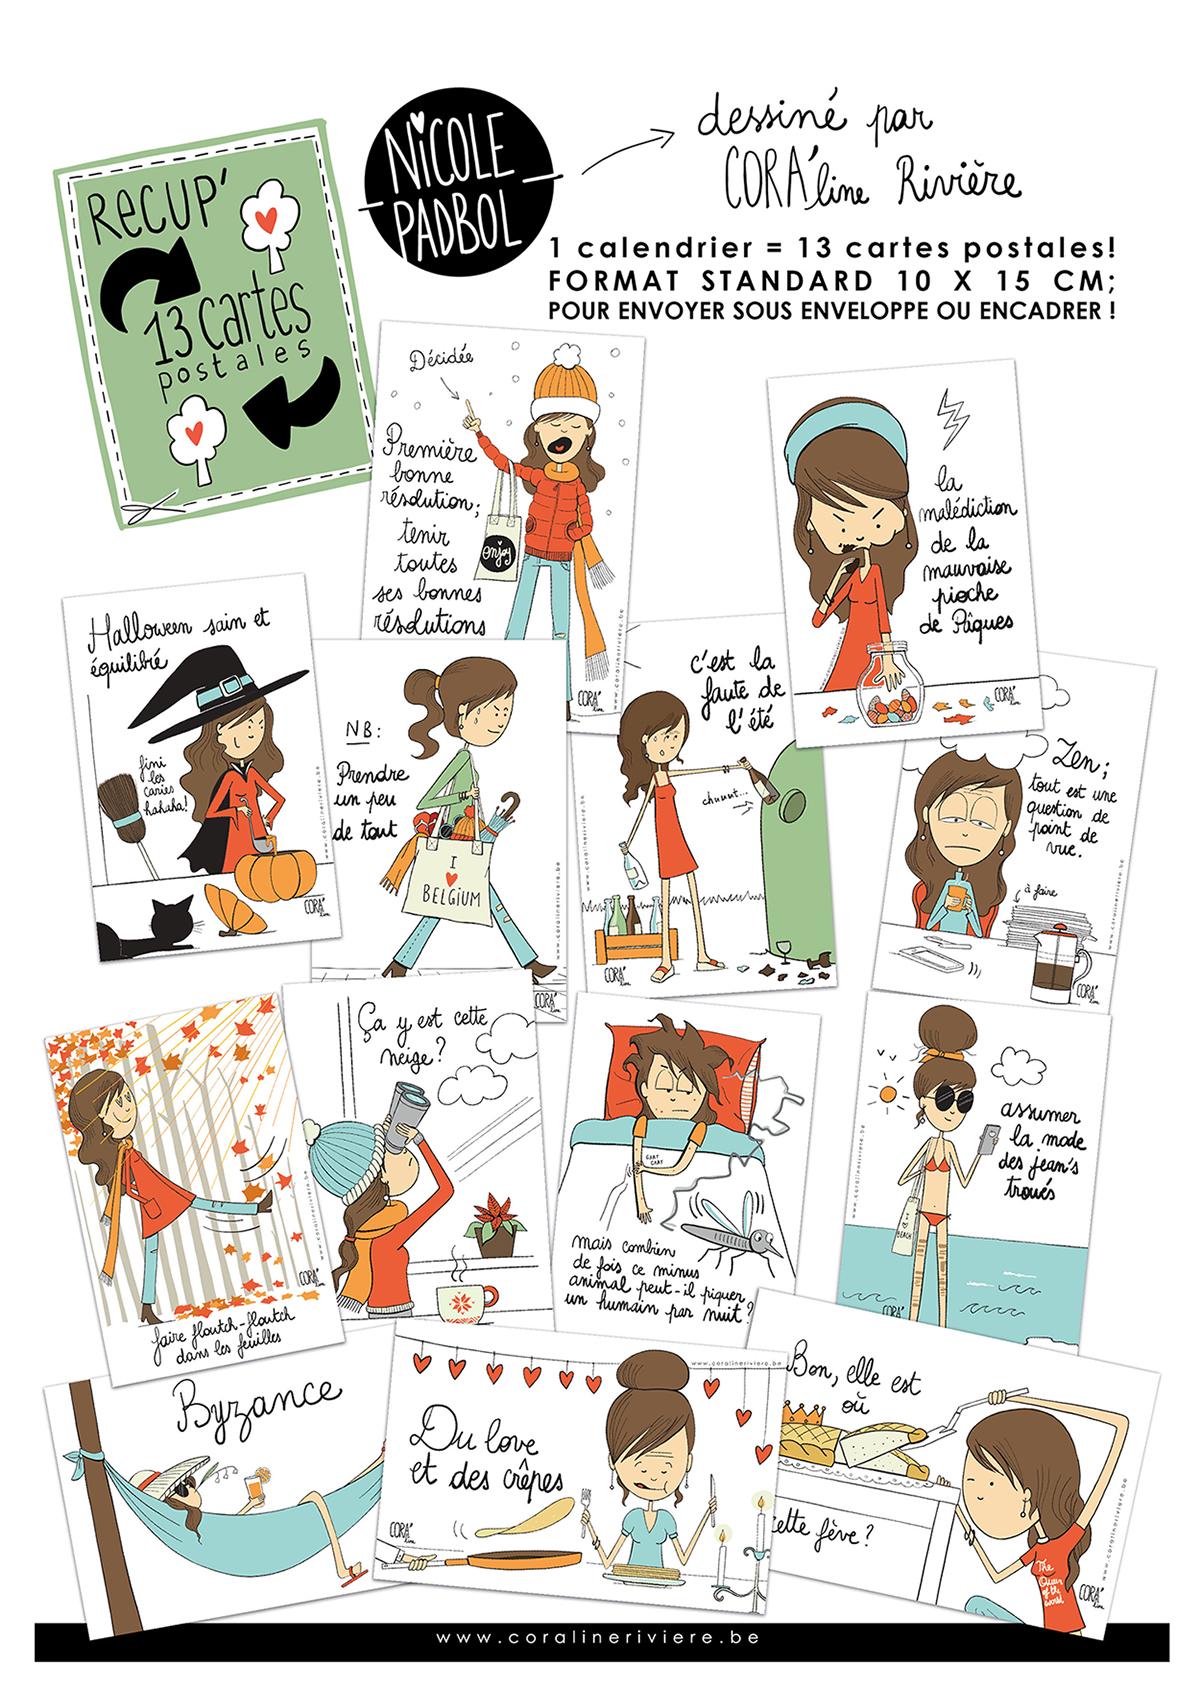 ensemble cartes postales dessins humoristiques nicole padbol